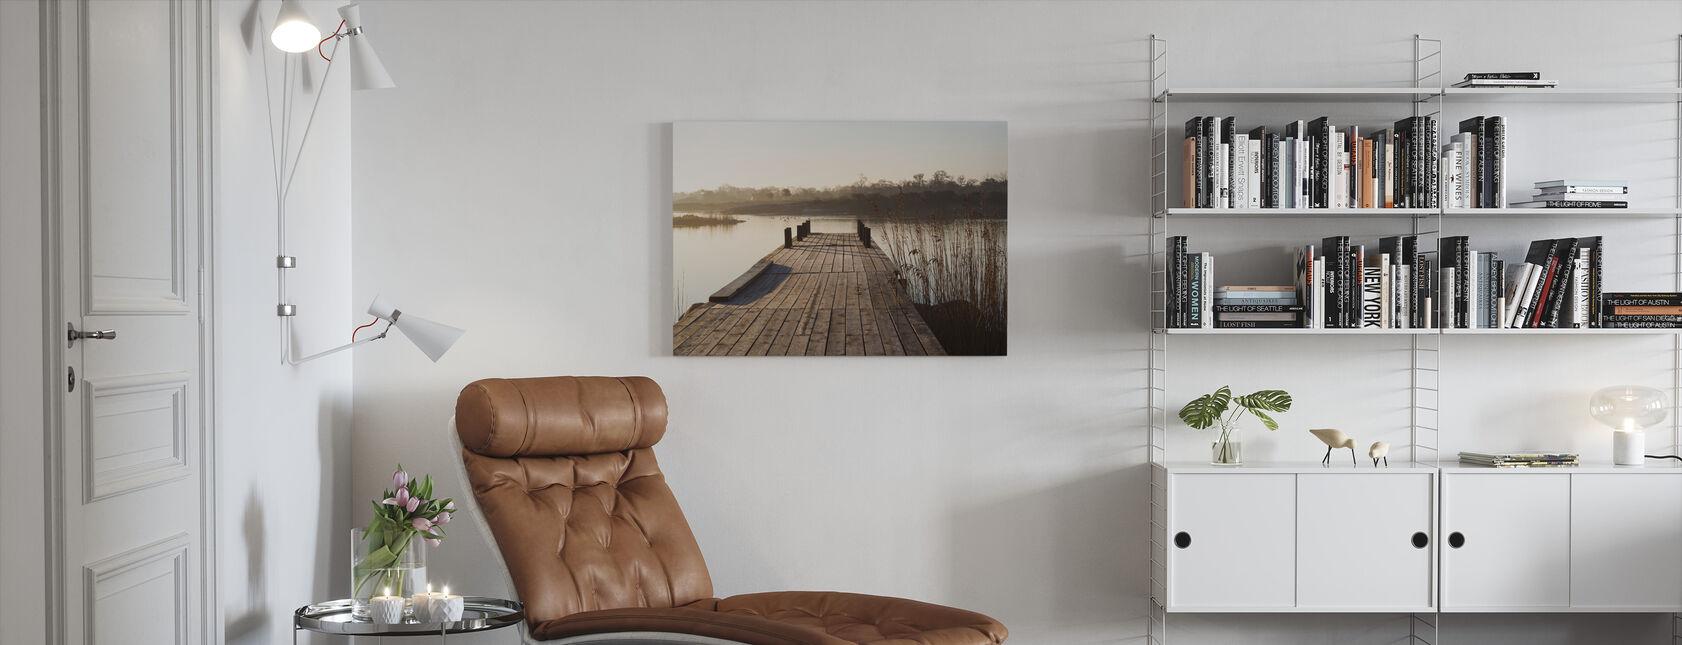 Aamukohtaus Vidingessä, Ruotsissa, Euroopassa - Canvastaulu - Olohuone